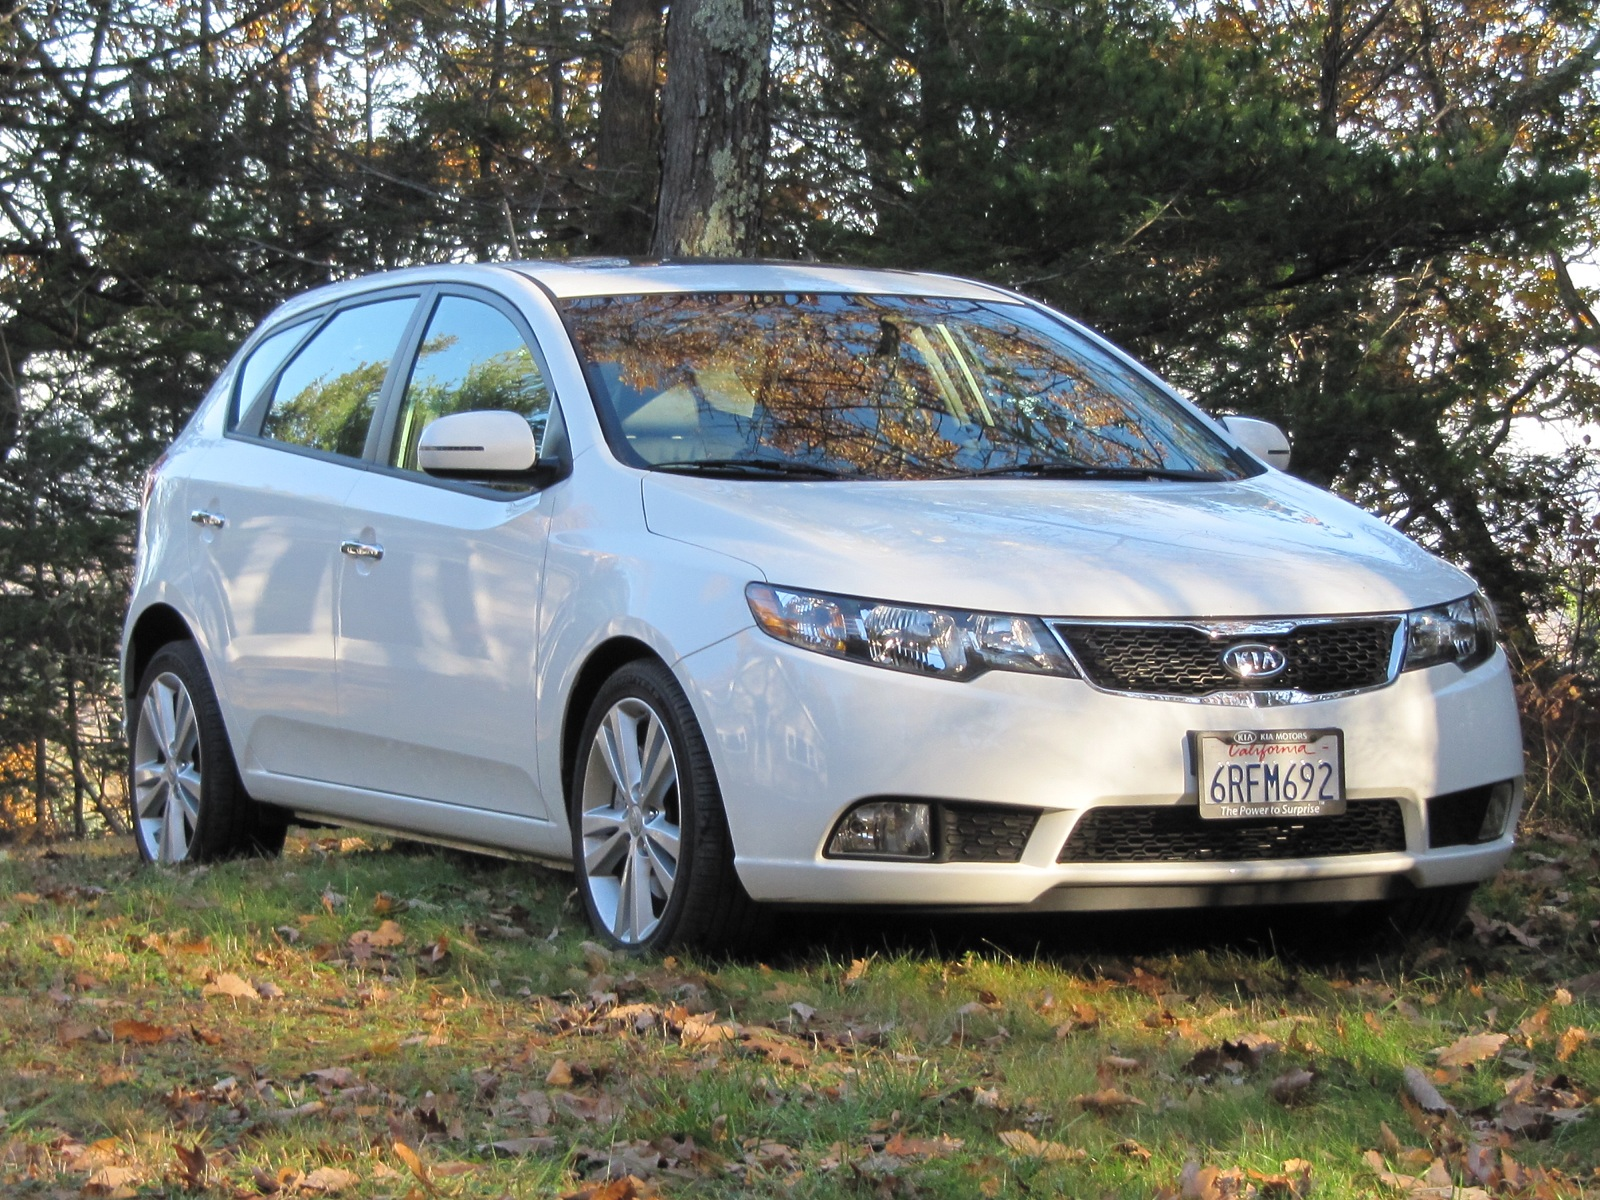 2011 Kia Forte SX Five-Door Hatchback: Weekend Drive